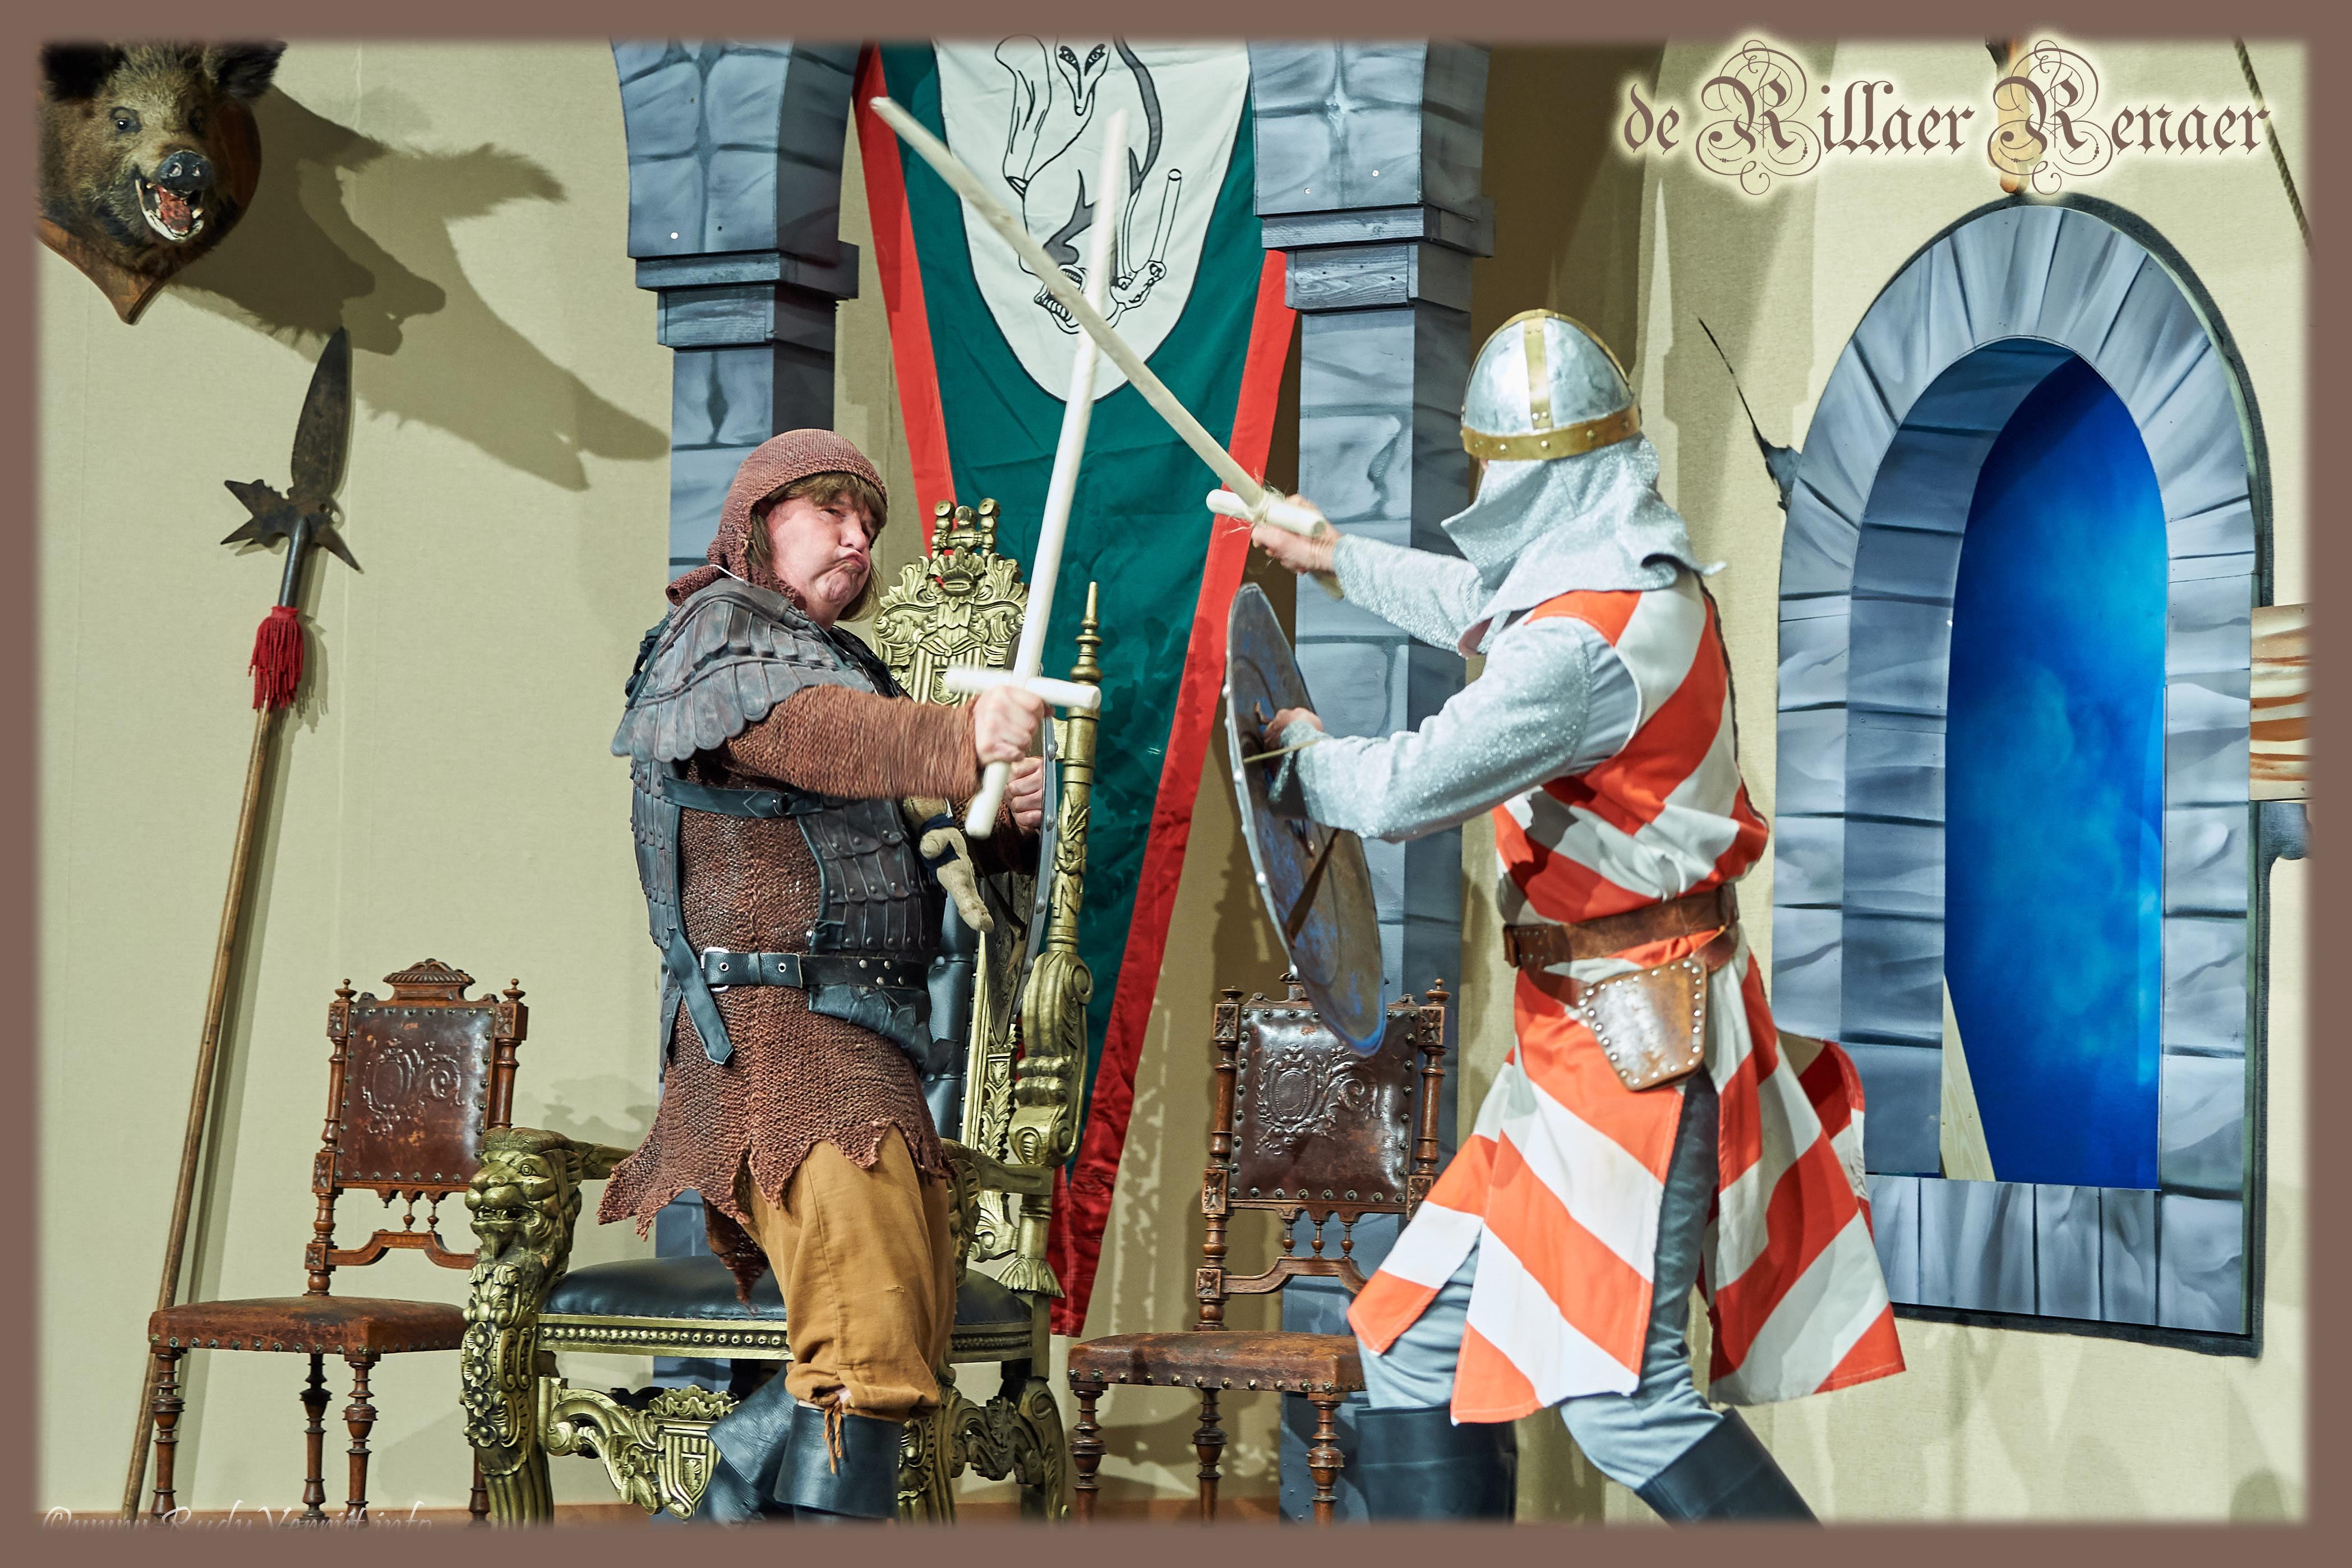 zwaardvechten